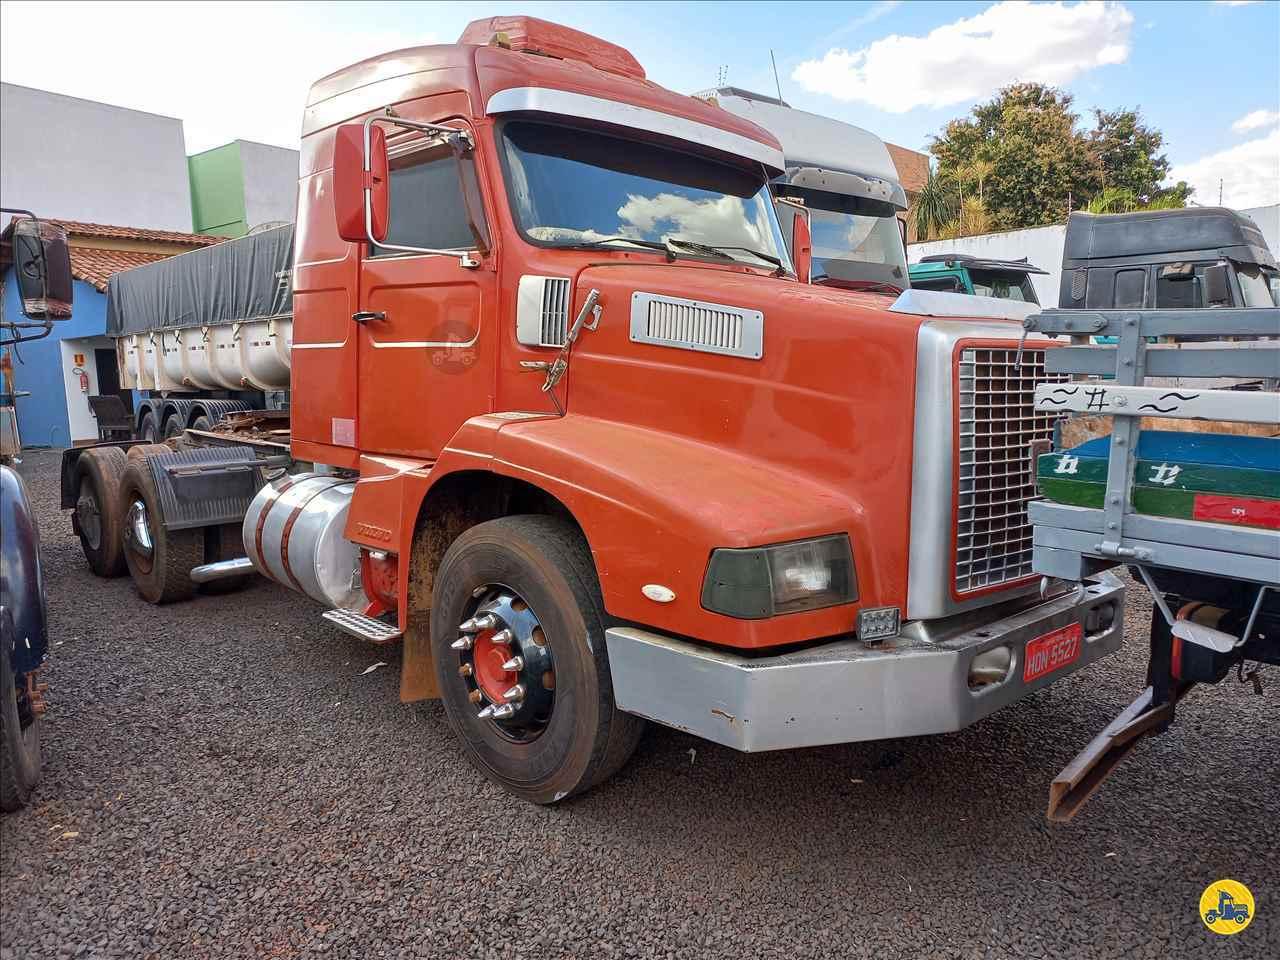 CAMINHAO VOLVO VOLVO NL12 360 Cavalo Mecânico Truck 6x2 André Caminhões RIO VERDE GOIAS GO